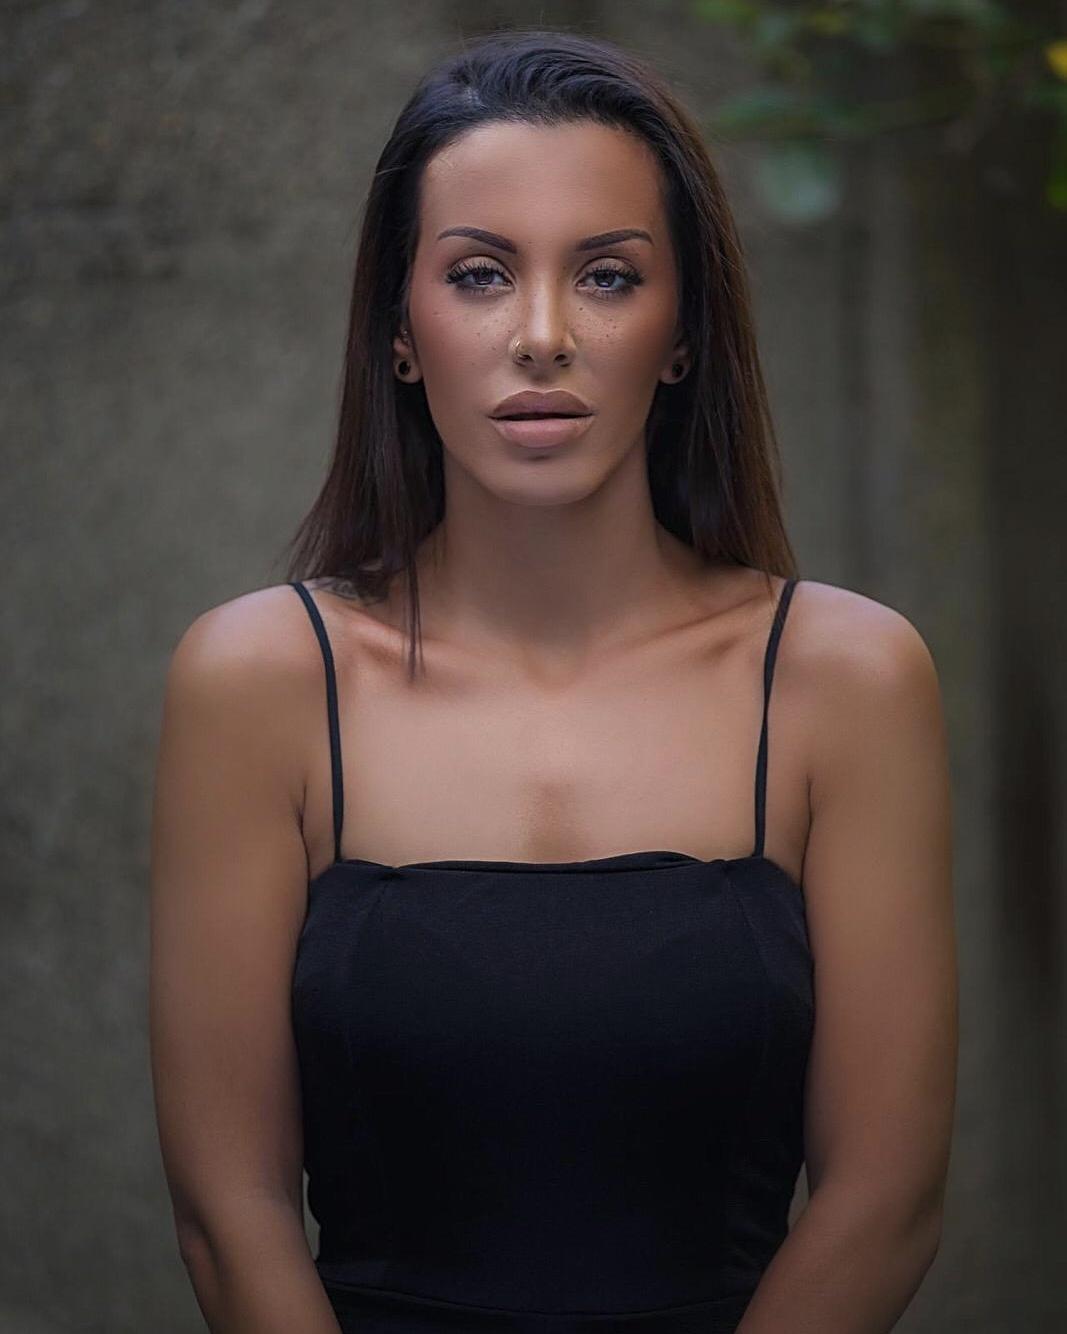 Stephanie Severino Fernandes